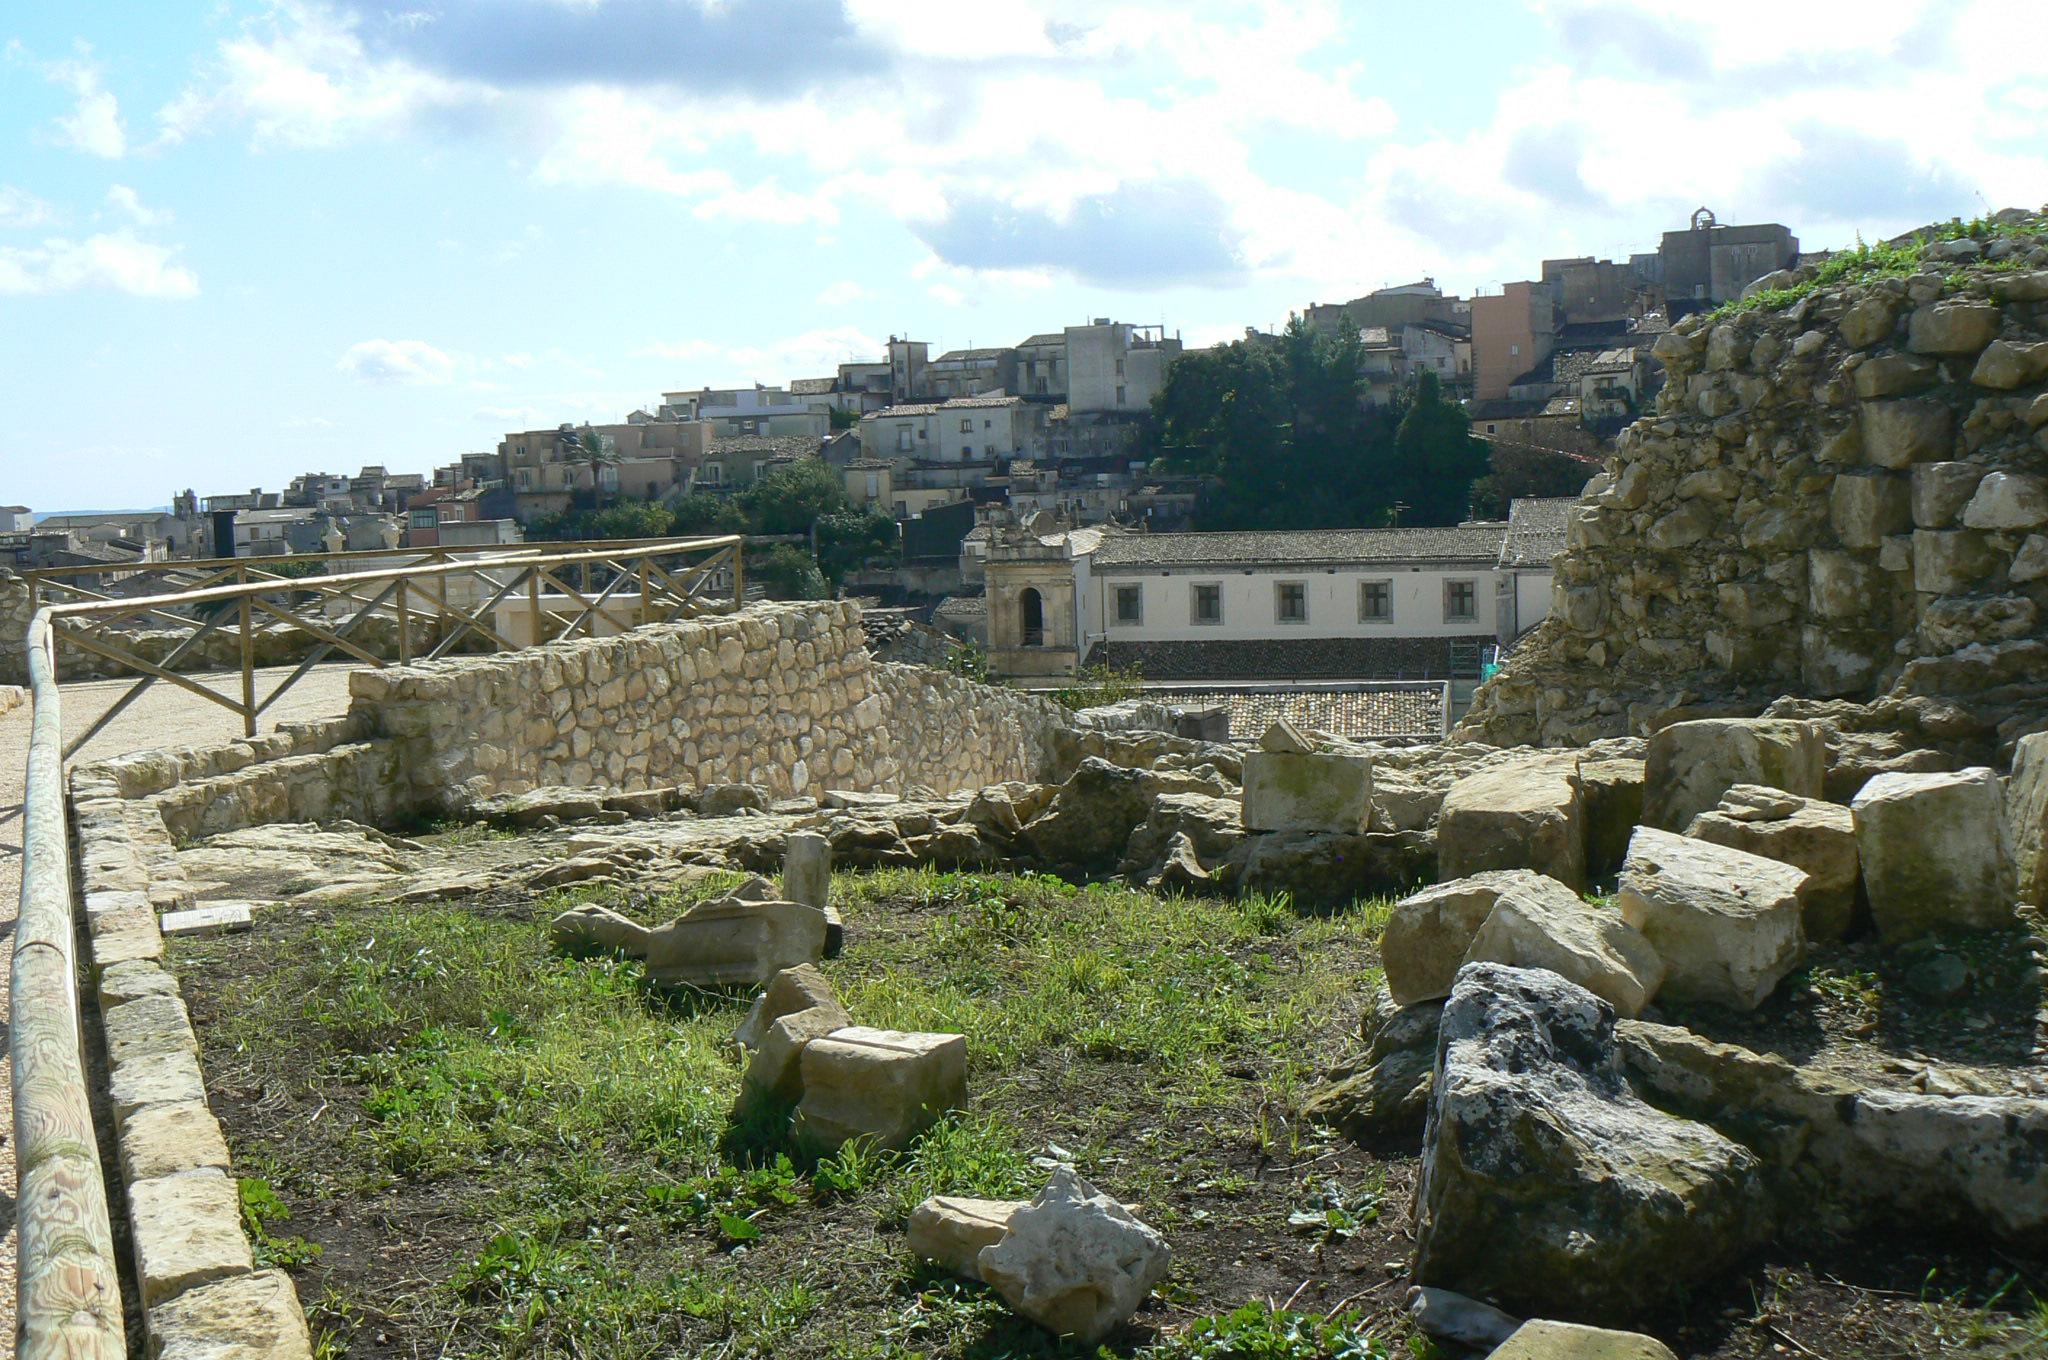 Altri resti del Castello medievale di Palazzolo